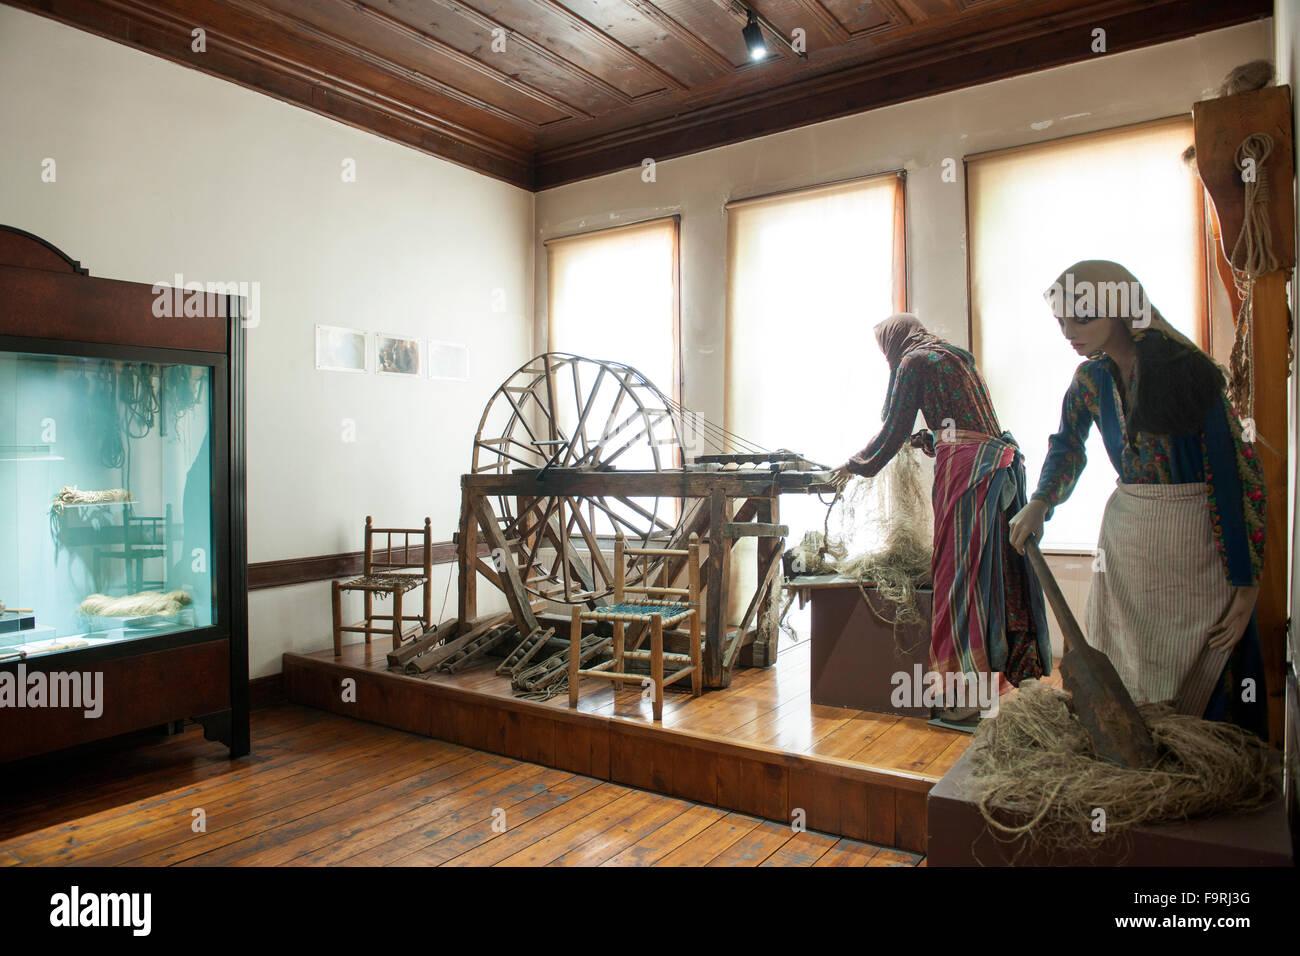 Türkei, westliche Schwarzmeerküste, Kastamonu, Ethnografisches Museum - Stock Image